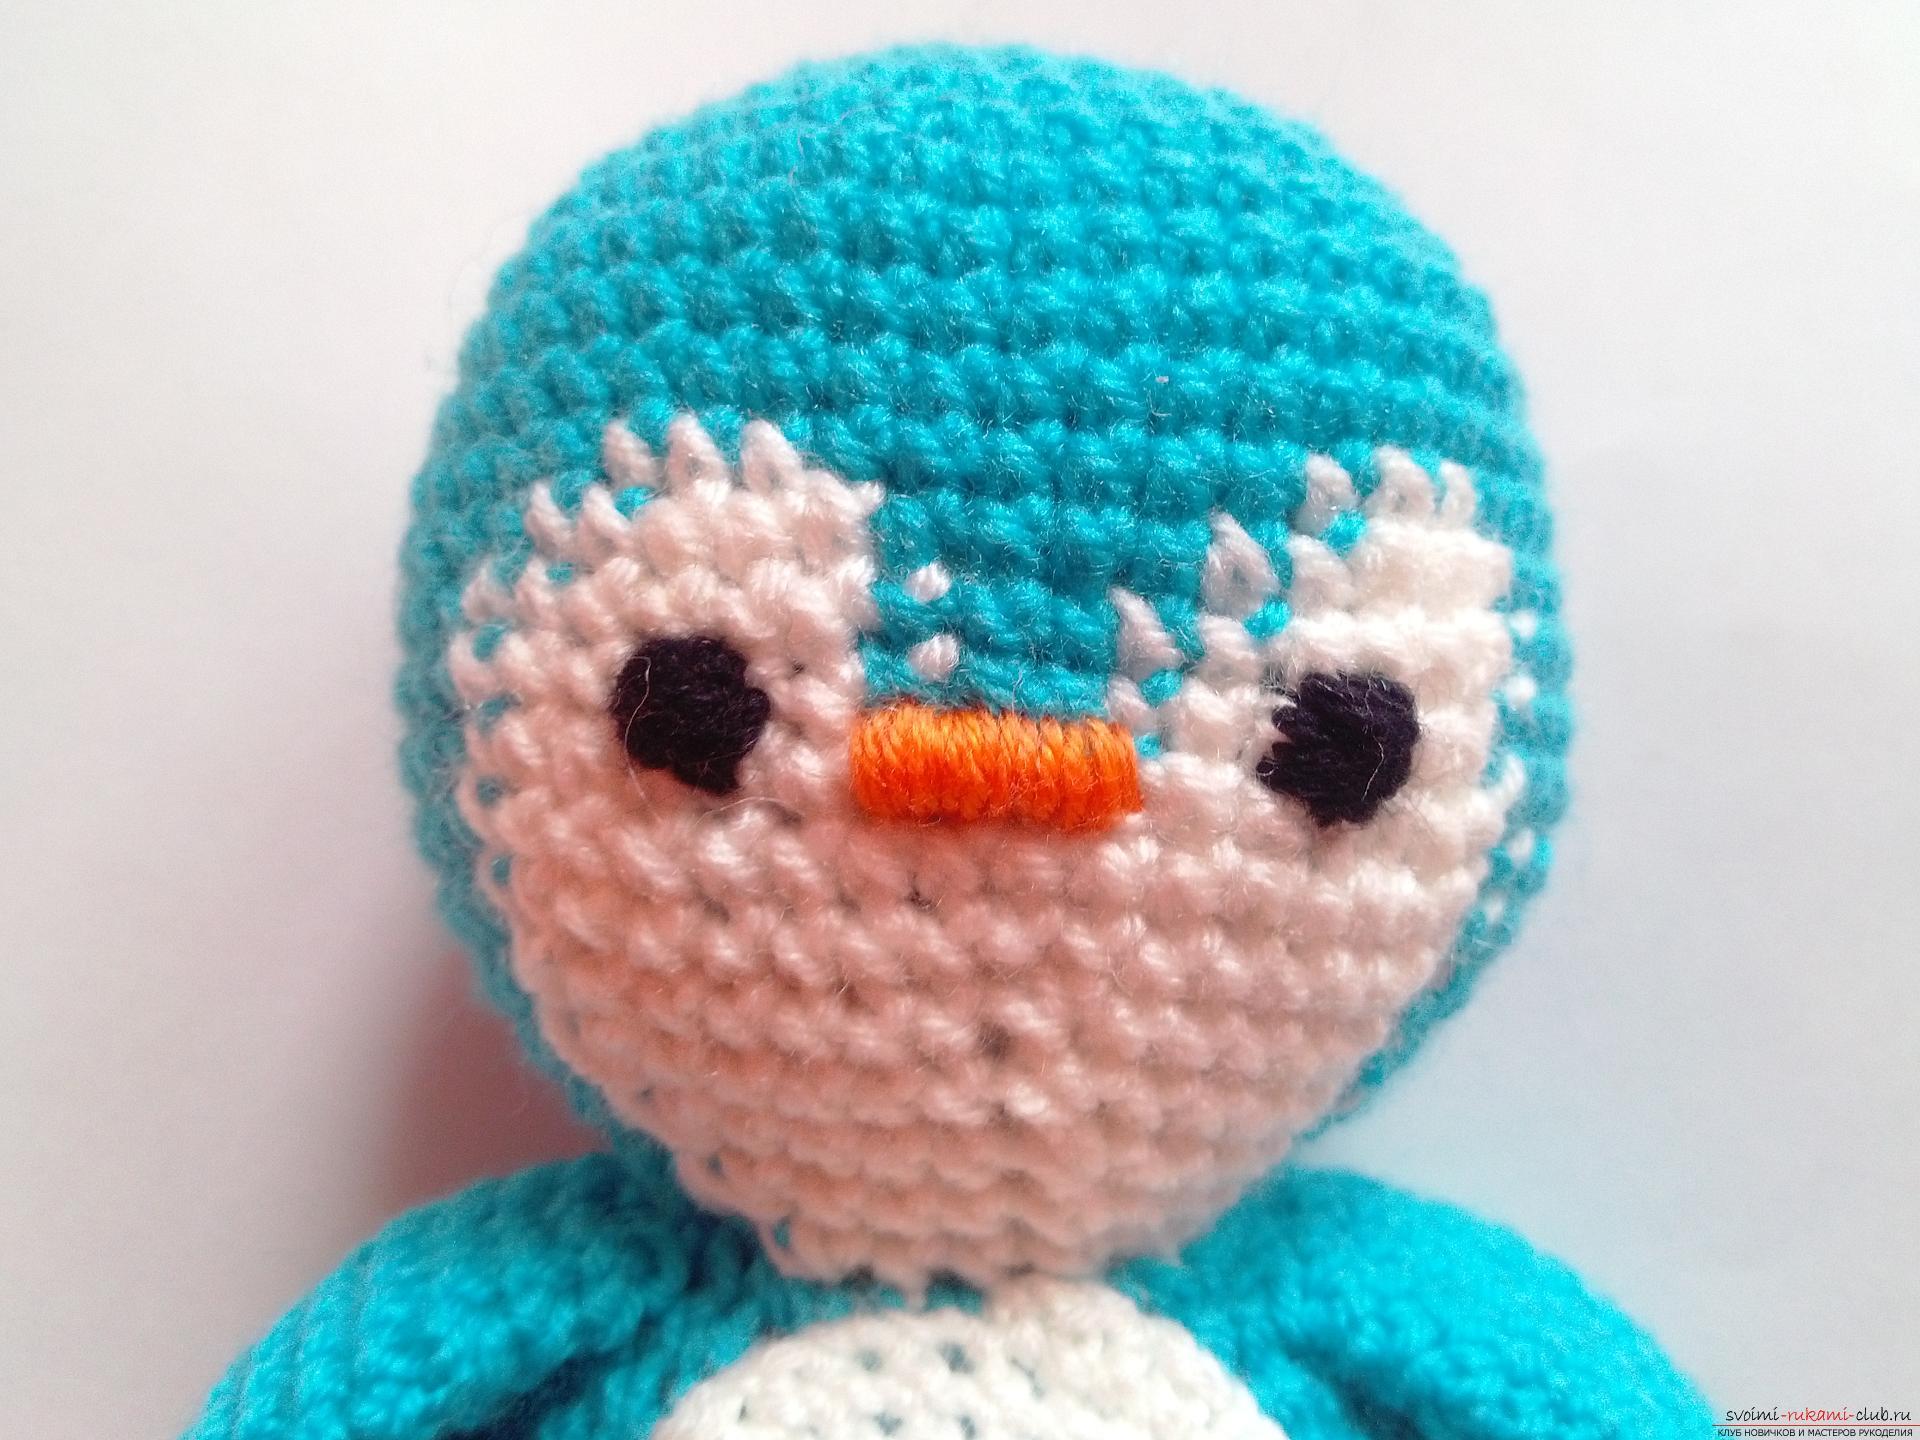 Этот мастер-класс вязания игрушки крючком подробно описывает и показывает на фото как вяжется пингвин своими руками.. Фото №9